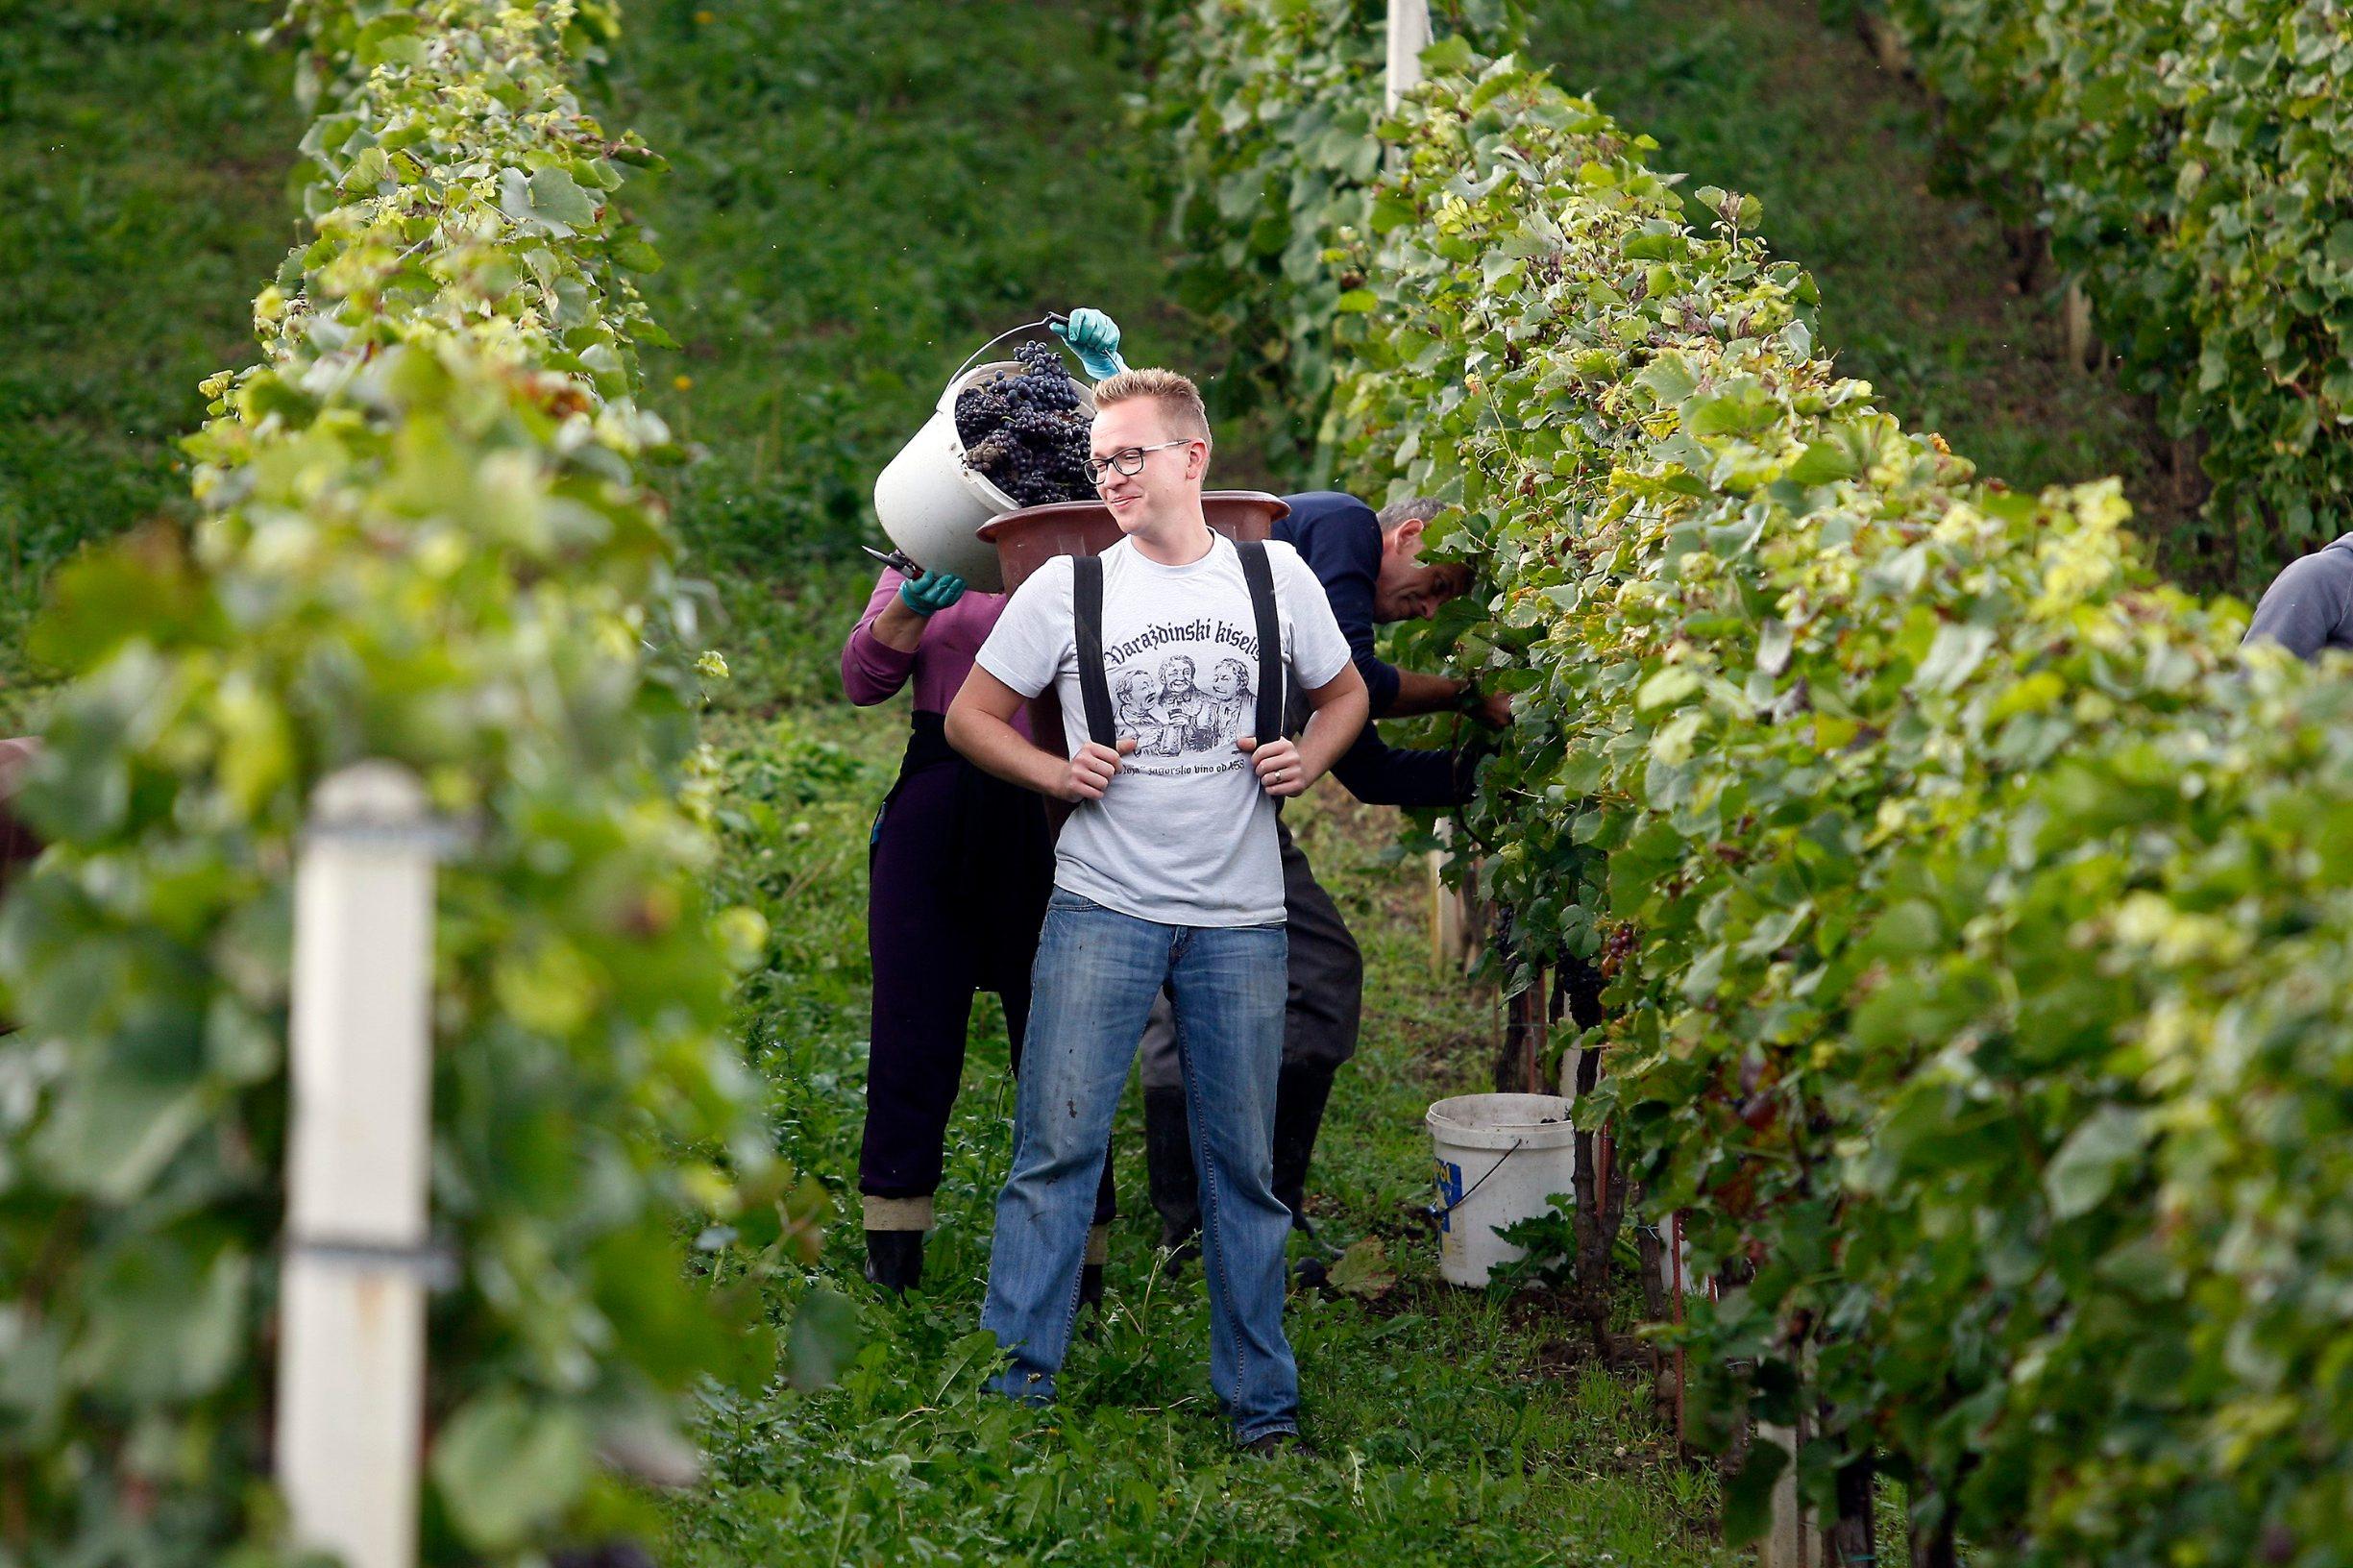 Varazdin, 140914. Unatoc nepogodnom vremenu za proizvodjace vina, ovog je vikenda zapocela berba grozdja. Na zagorskim bregima ovih je dana iskoristen svaki trenutak kada ne pada kisa da se dragocjene bobice prebace u podrume, gdje se nakon muljanja i presanja spremaju u bacve. Na fotografiji: berba grozdja. Foto: Zeljko Hajdinjak / CROPIX